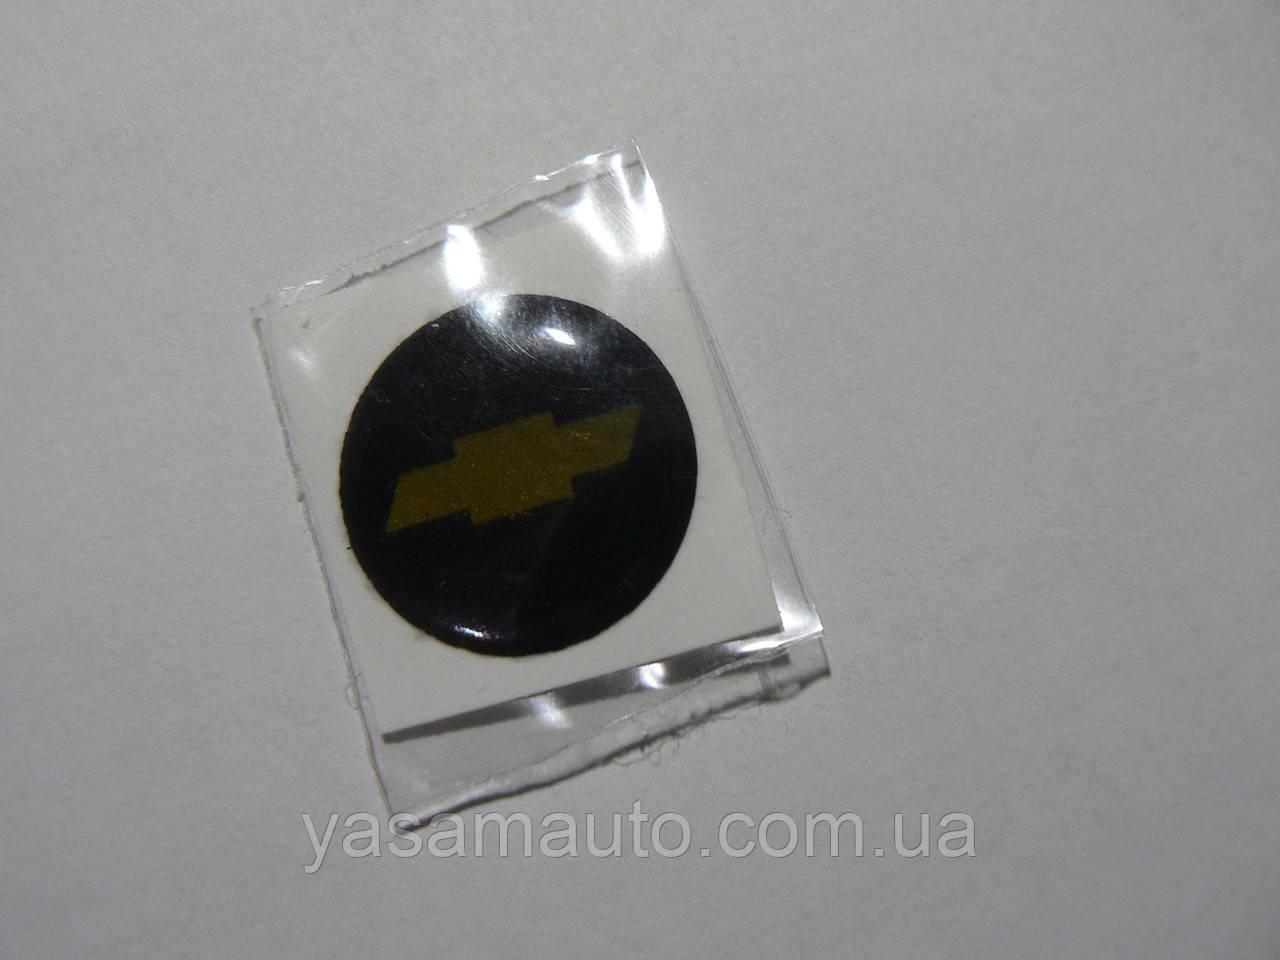 Наклейка s круглая Chevrolet 20х20х1.2мм силиконовая эмблема логотип марка бренд в круге на авто